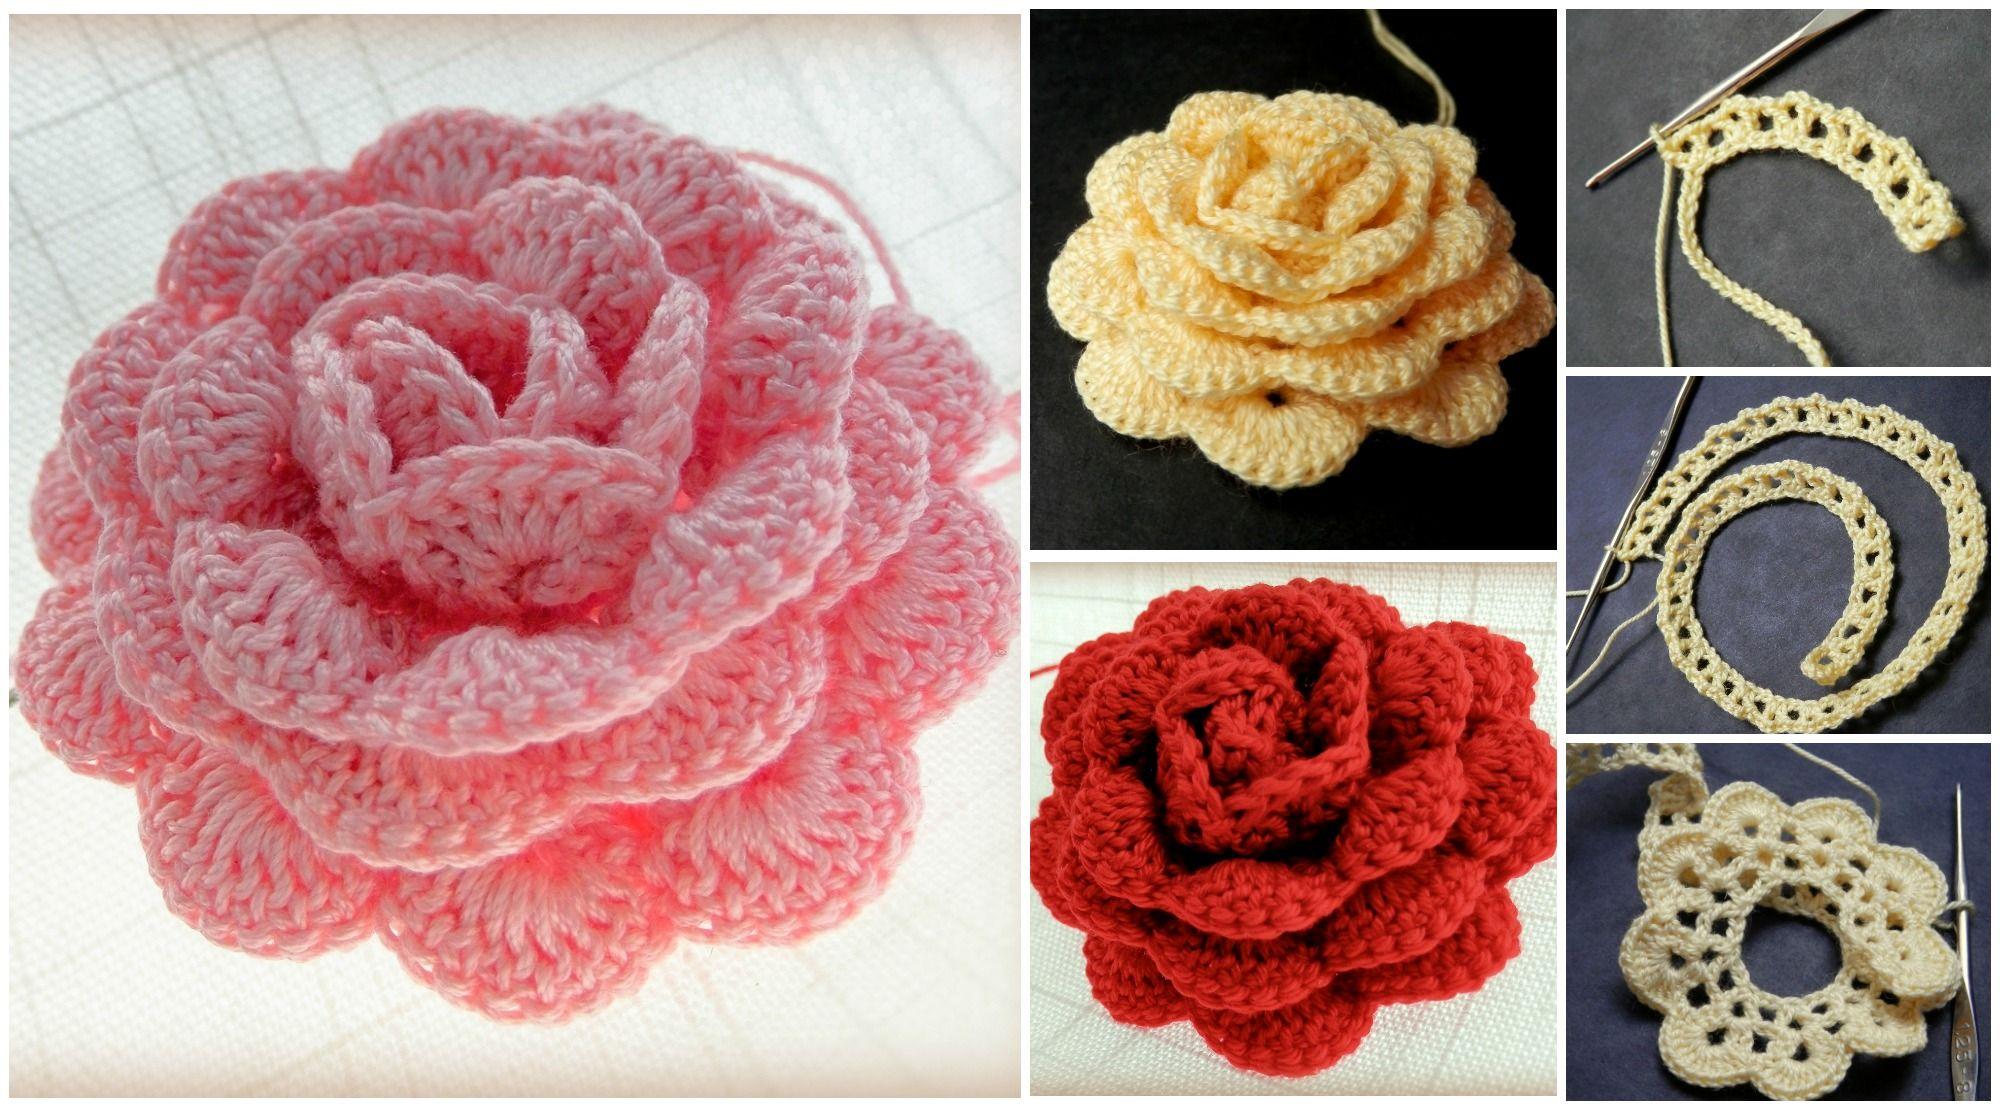 Crochet Rose With 1.25mm Hook | Arte creativo, Creativo y Patrón de ...